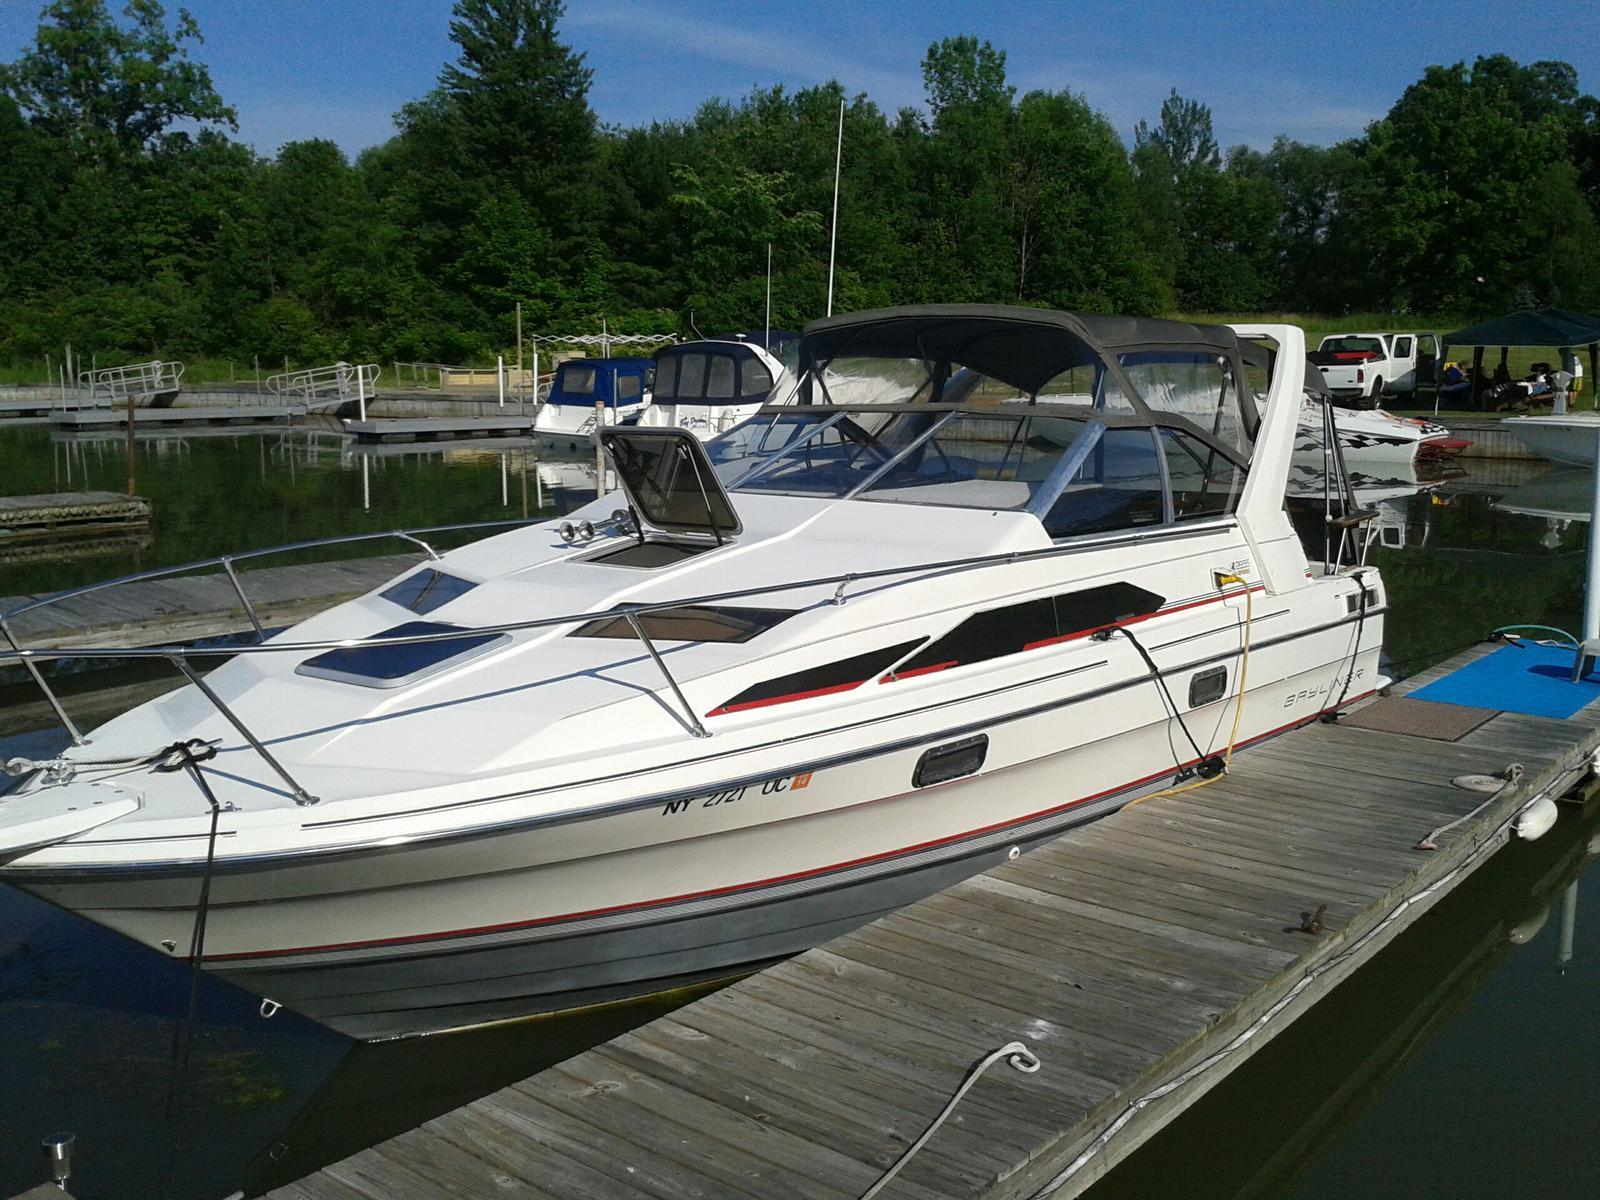 For Sale: 1990 Bayliner 2655 Ciera Sunbridge 31ft<br/>Hutchinson's Boat Works